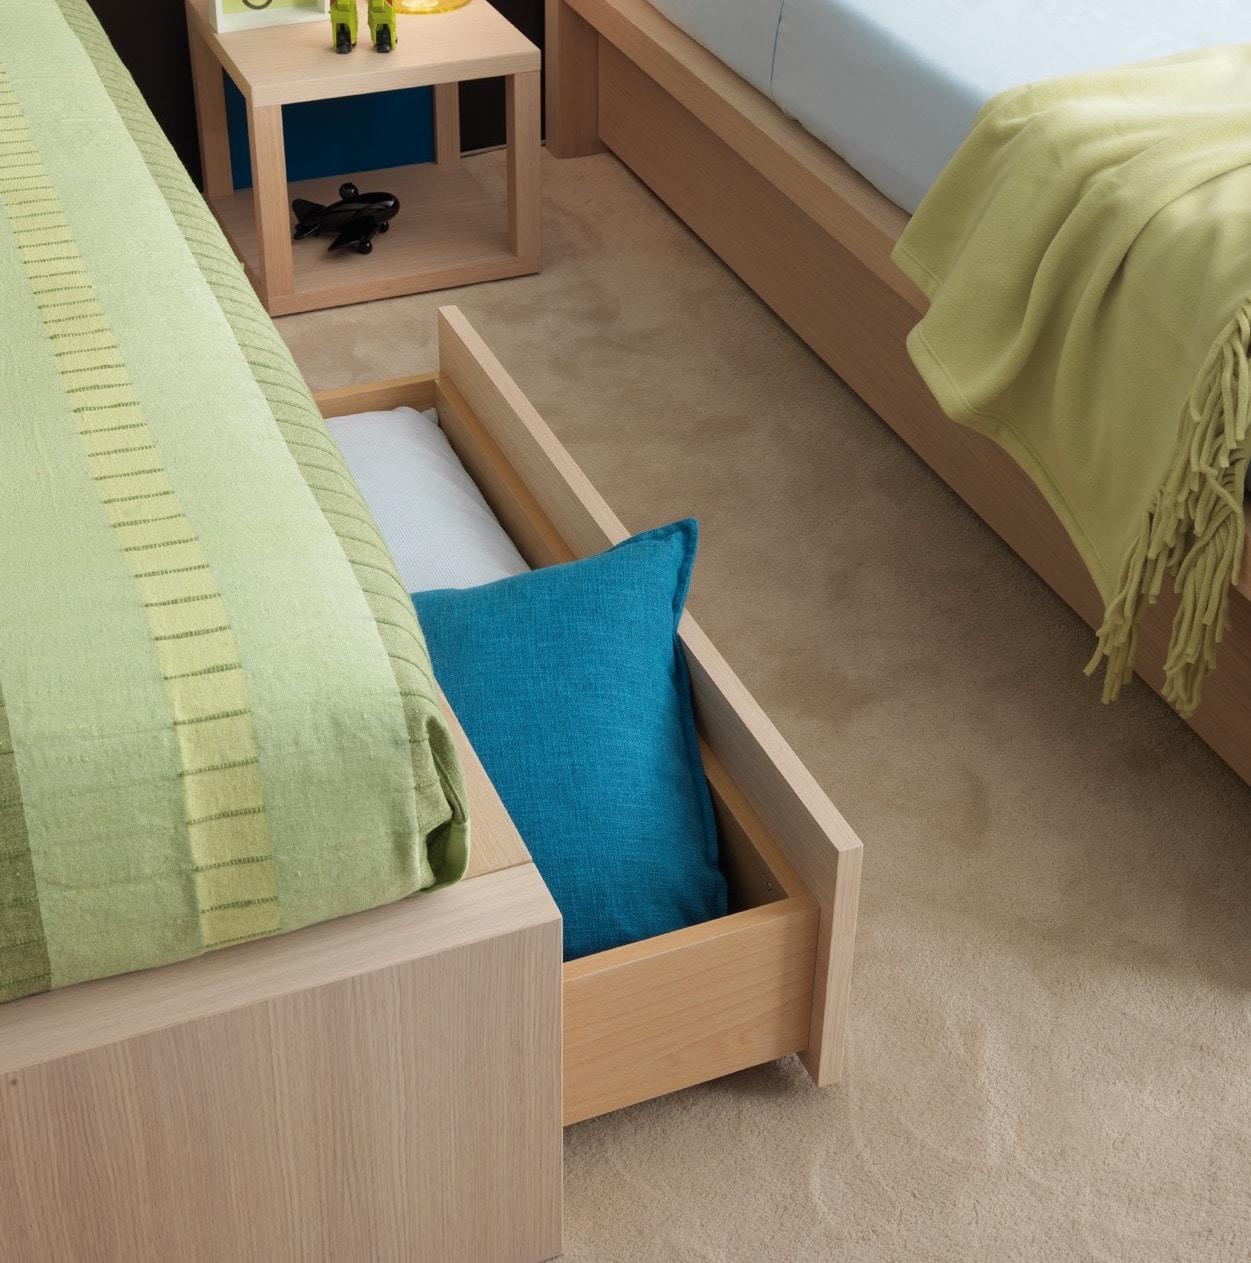 hochwertige Jugendbetten mit Stauraum